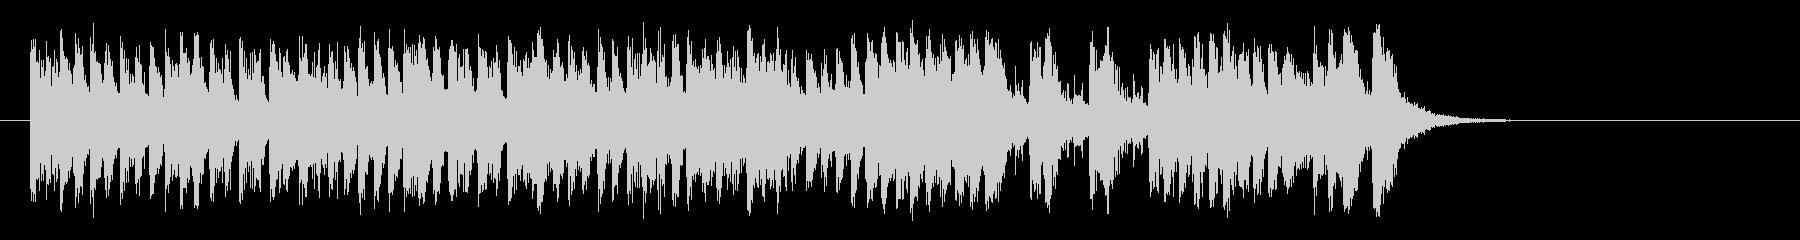 愛らしいコミカル調BGM(サビ)の未再生の波形